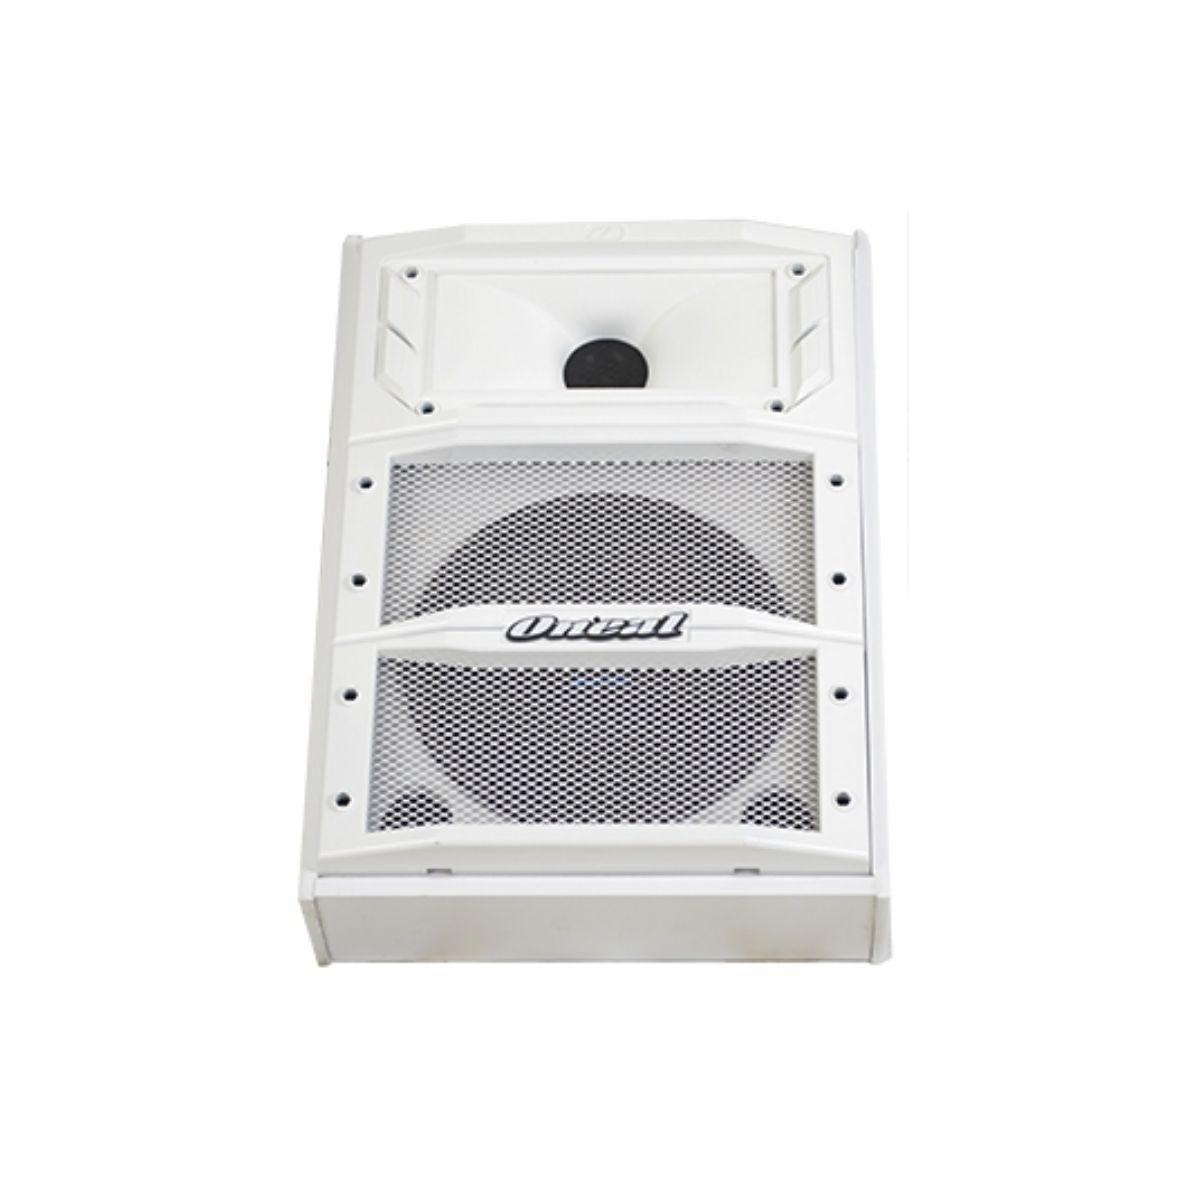 Caixa de Retorno Oneal OPM1310 Branco - Monitor de Som Ativo